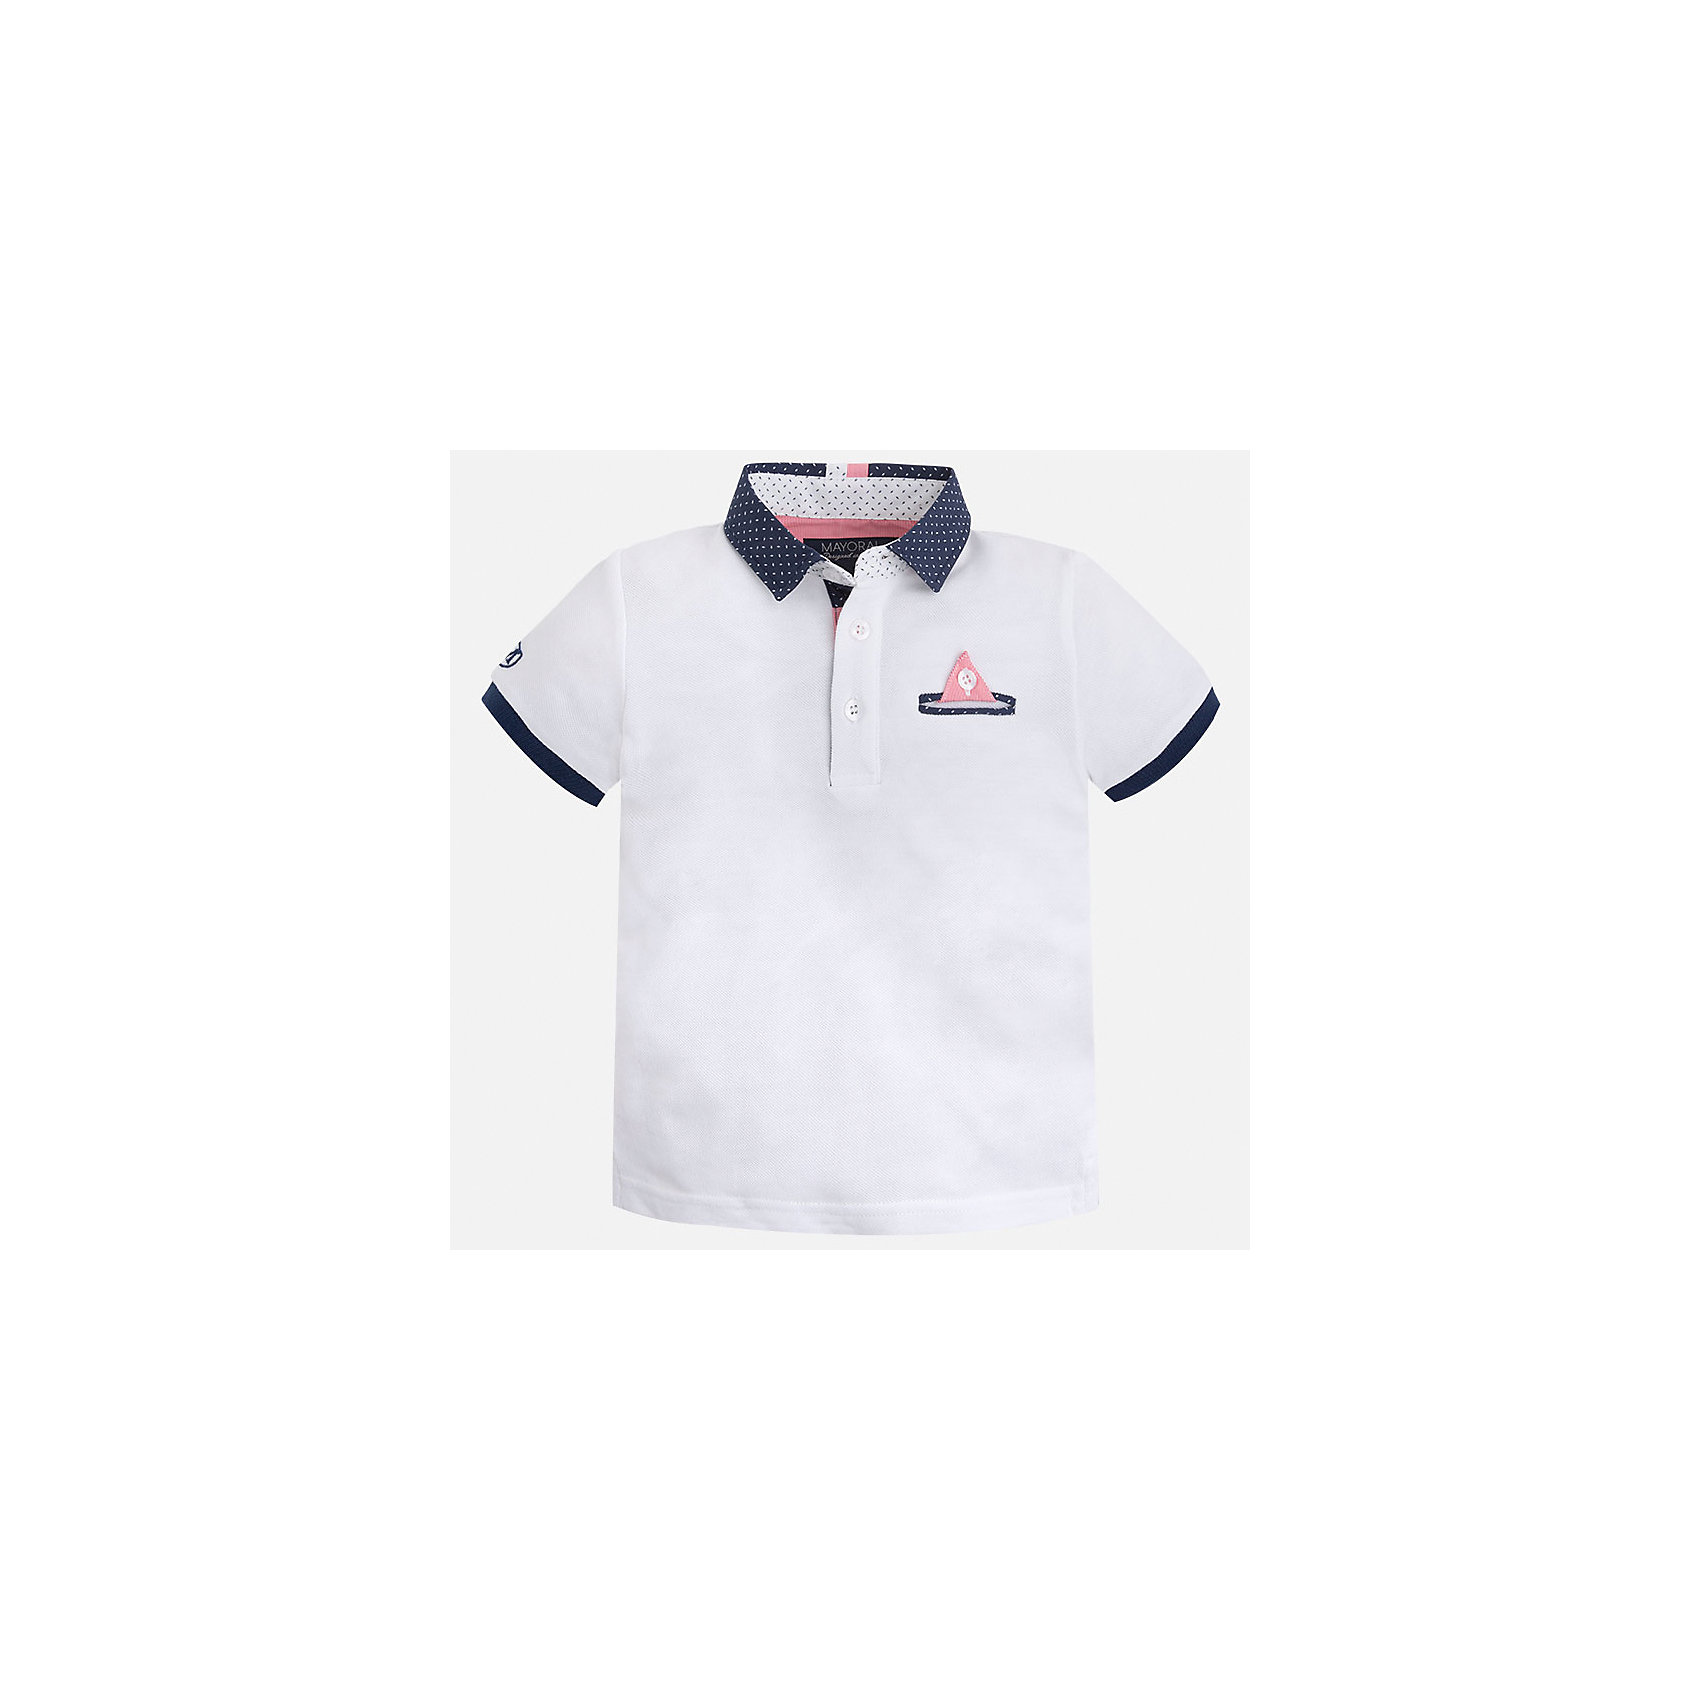 Футболка-поло для мальчика MayoralФутболки, поло и топы<br>Характеристики товара:<br><br>• цвет: белый<br>• состав: 100% хлопок<br>• отложной воротник<br>• короткие рукава<br>• застежка: пуговицы<br>• карман на груди<br>• страна бренда: Испания<br><br>Модная футболка-поло для мальчика может стать базовой вещью в гардеробе ребенка. Она отлично сочетается с брюками, шортами, джинсами и т.д. Универсальный крой и цвет позволяет подобрать к вещи низ разных расцветок. Практичное и стильное изделие! В составе материала - только натуральный хлопок, гипоаллергенный, приятный на ощупь, дышащий.<br><br>Одежда, обувь и аксессуары от испанского бренда Mayoral полюбились детям и взрослым по всему миру. Модели этой марки - стильные и удобные. Для их производства используются только безопасные, качественные материалы и фурнитура. Порадуйте ребенка модными и красивыми вещами от Mayoral! <br><br>Футболку-поло для мальчика от испанского бренда Mayoral (Майорал) можно купить в нашем интернет-магазине.<br><br>Ширина мм: 230<br>Глубина мм: 40<br>Высота мм: 220<br>Вес г: 250<br>Цвет: белый<br>Возраст от месяцев: 60<br>Возраст до месяцев: 72<br>Пол: Мужской<br>Возраст: Детский<br>Размер: 116,110,128,98,122,104,134,92<br>SKU: 5280336